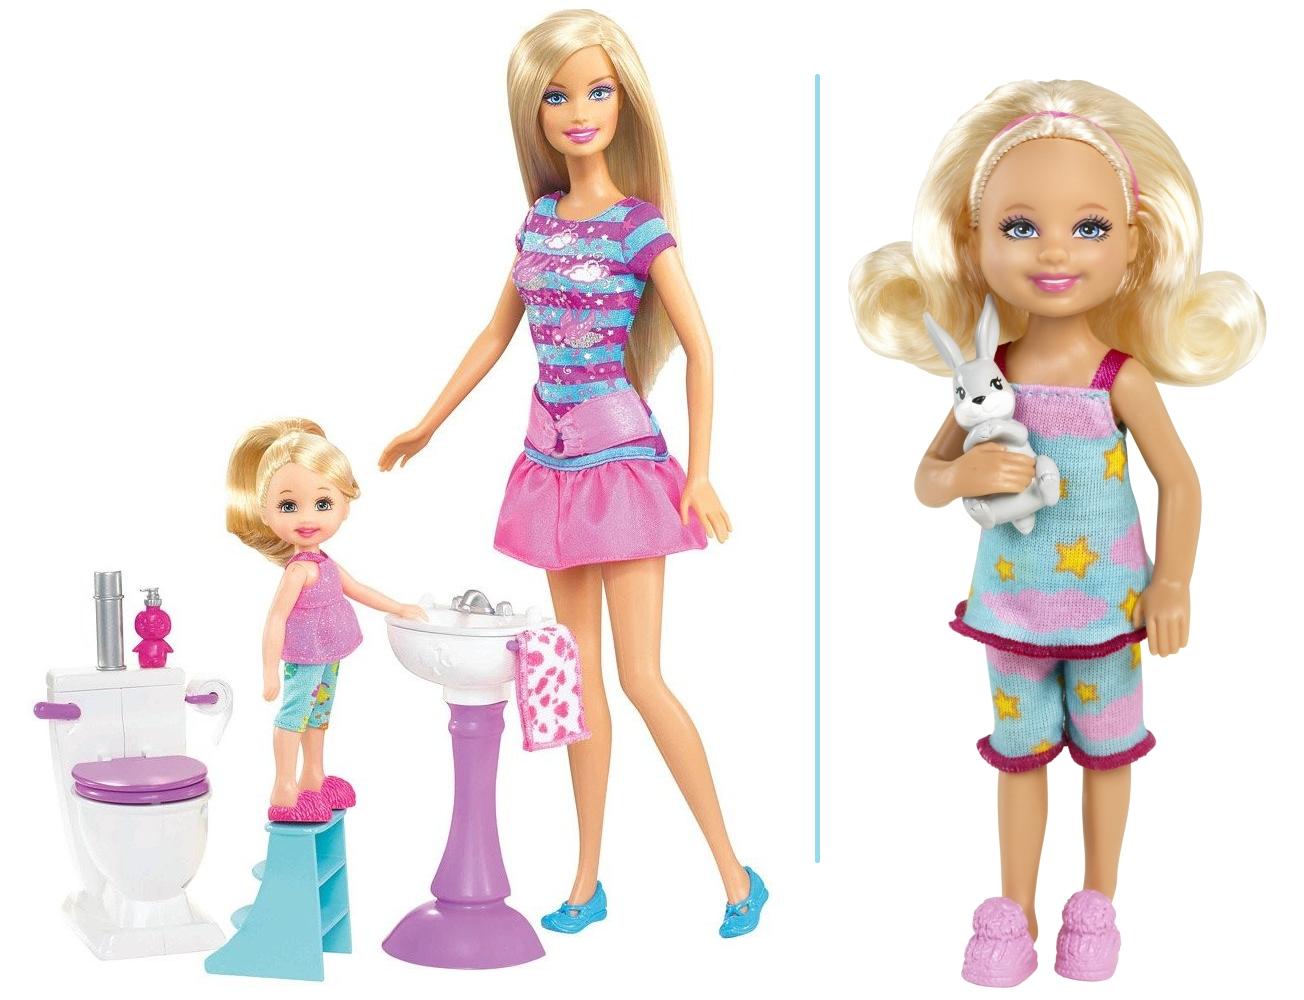 Fotos de Barbie muñecas